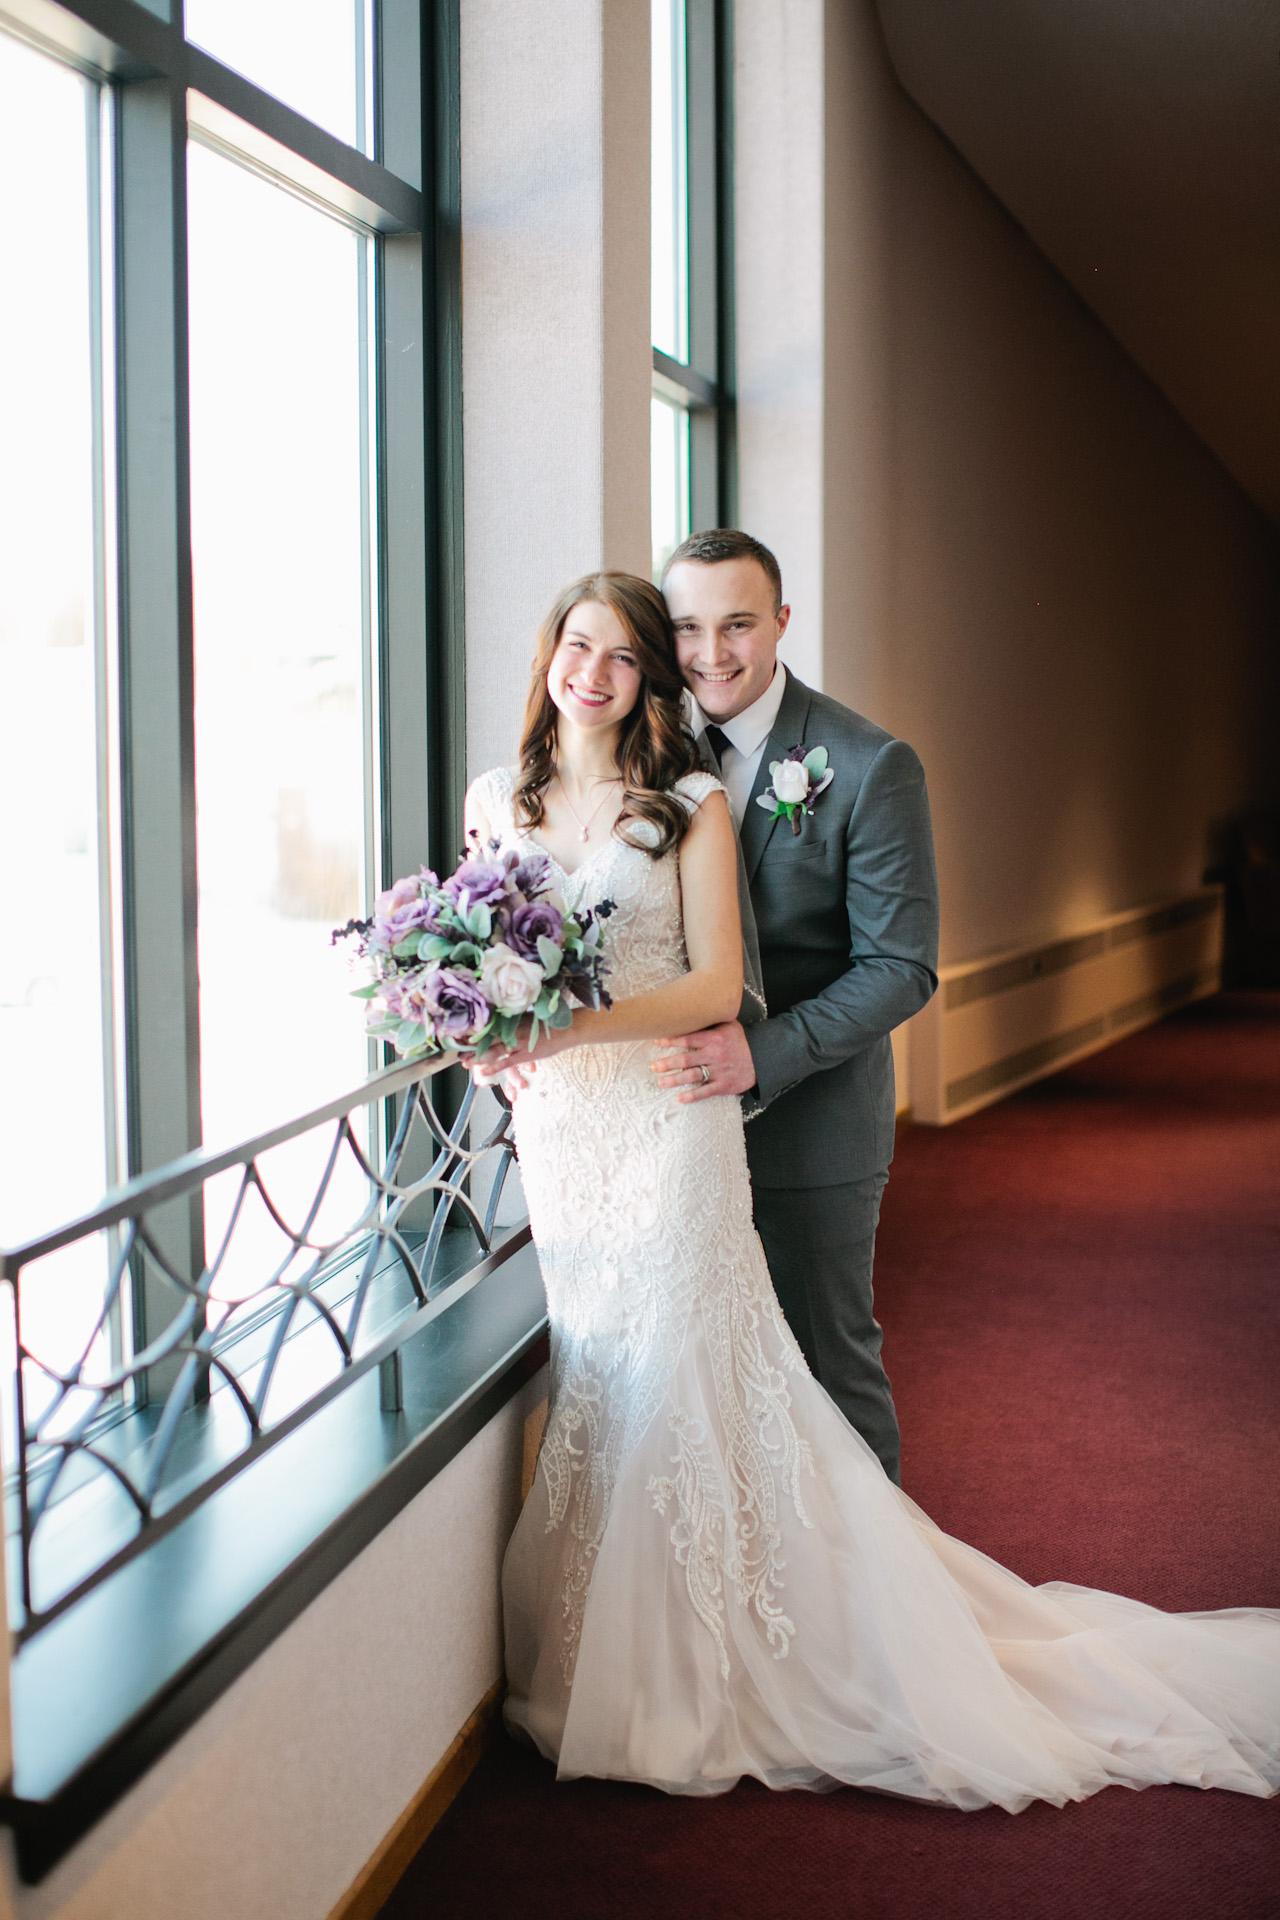 indoor winter wedding photography